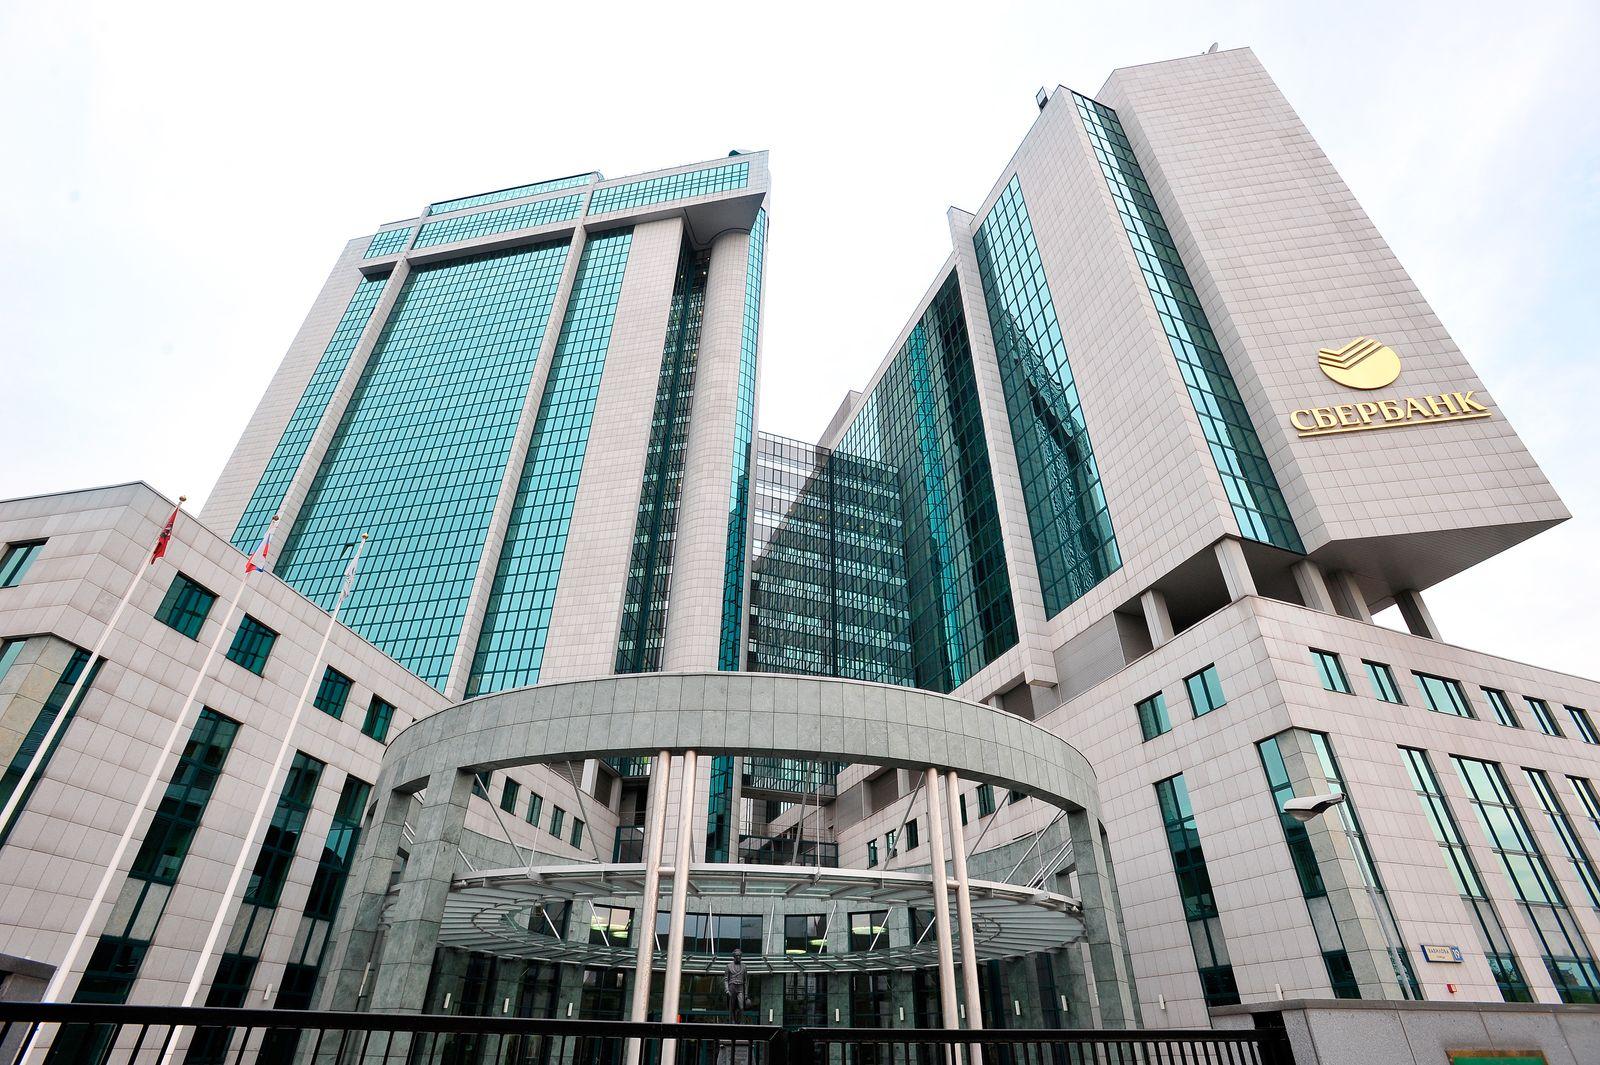 Sberbank / Zentrale / Moskau